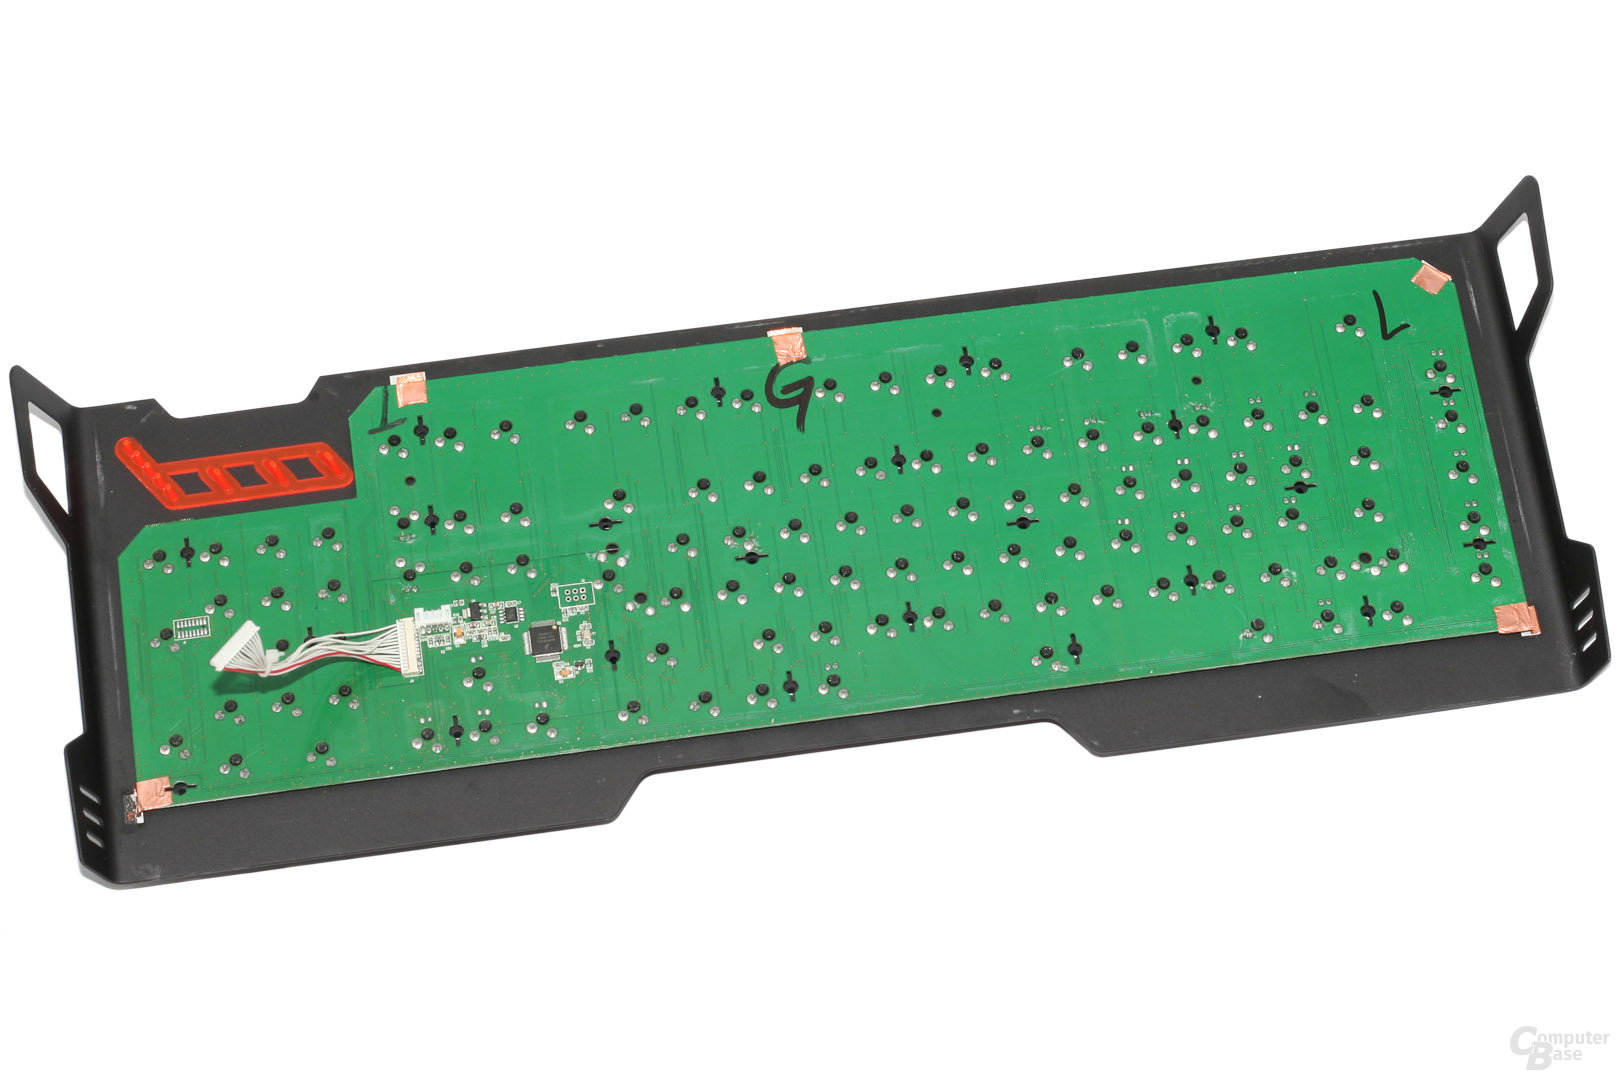 Rückseite des PCBs